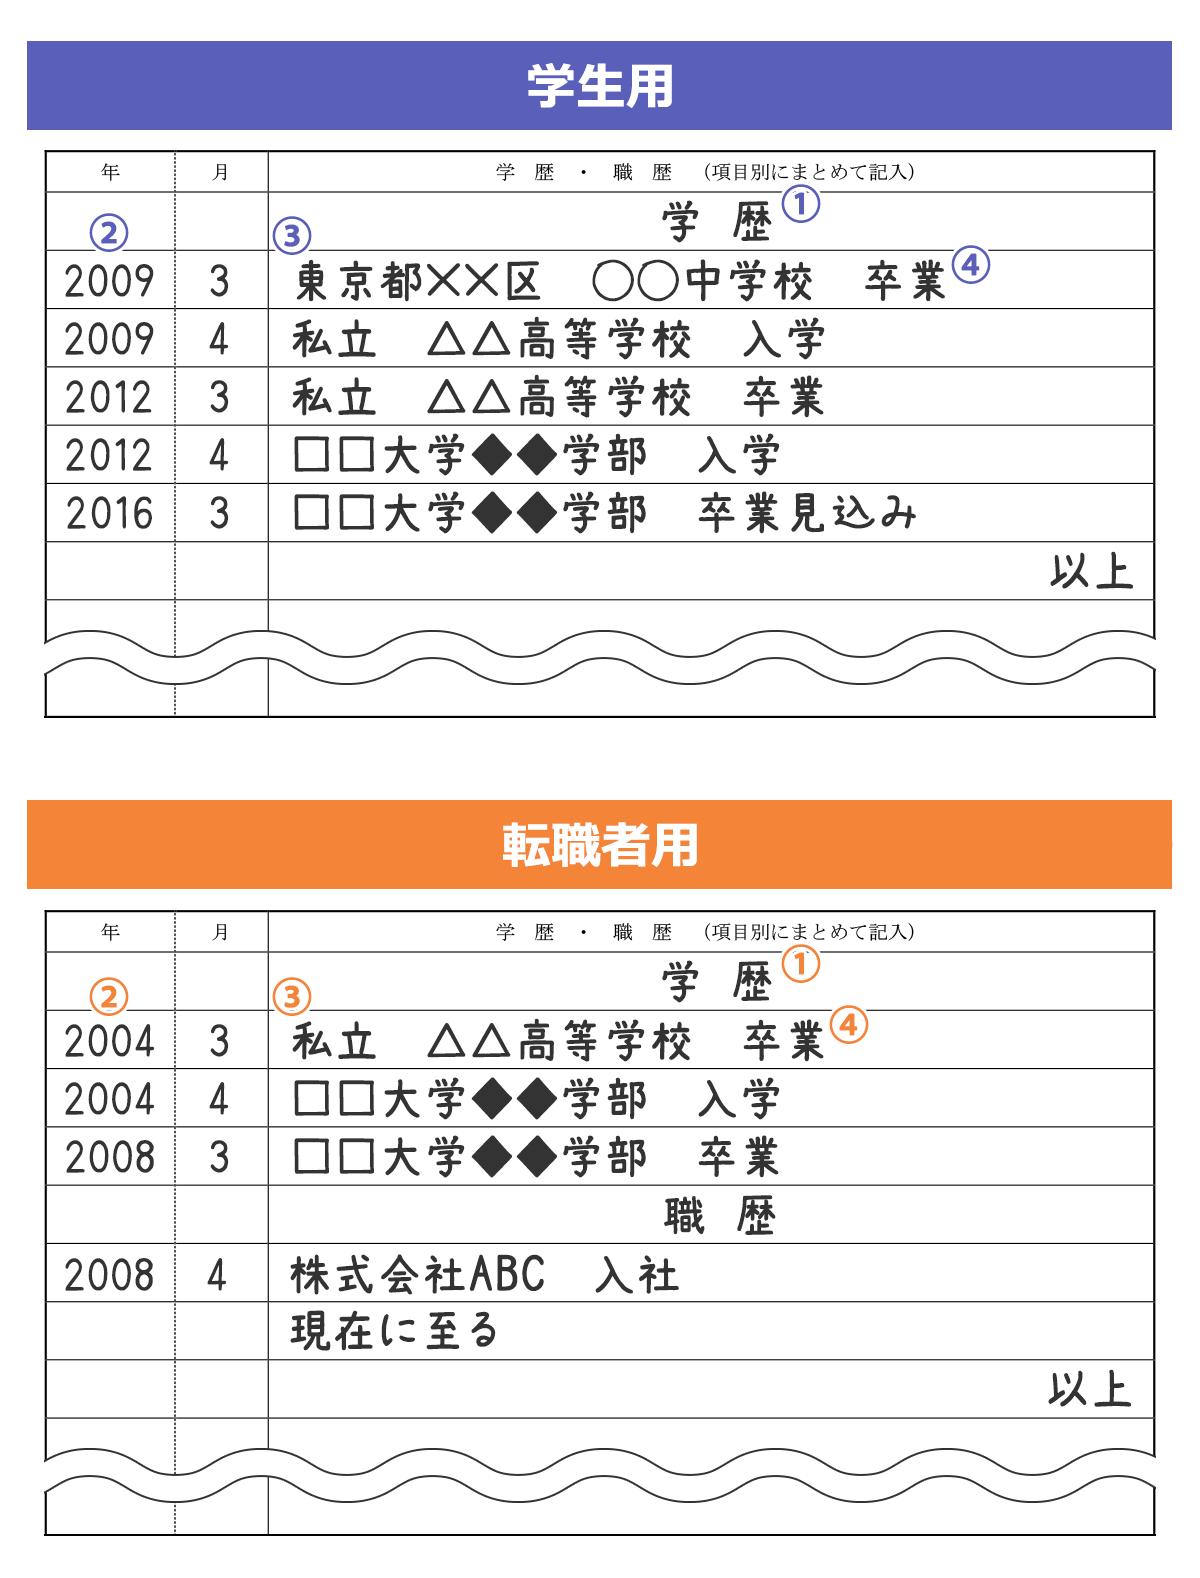 履歴書_学歴サンプル(就活生&転職者用)